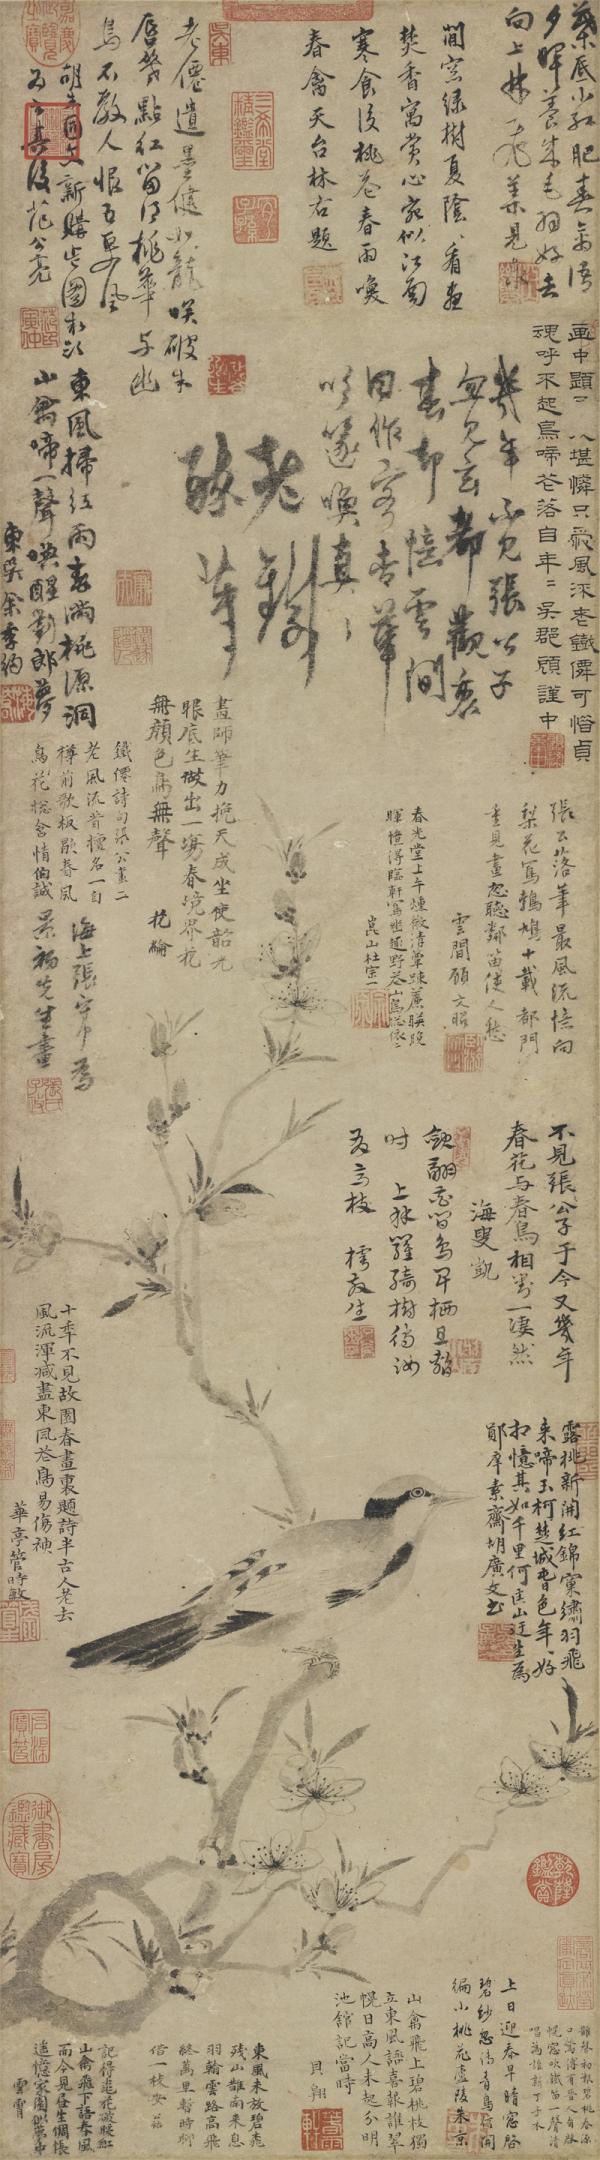 《桃花幽鸟图》轴,元,张中绘,纸本墨画,112.2 x 31.4cm,台北故宫博物院。